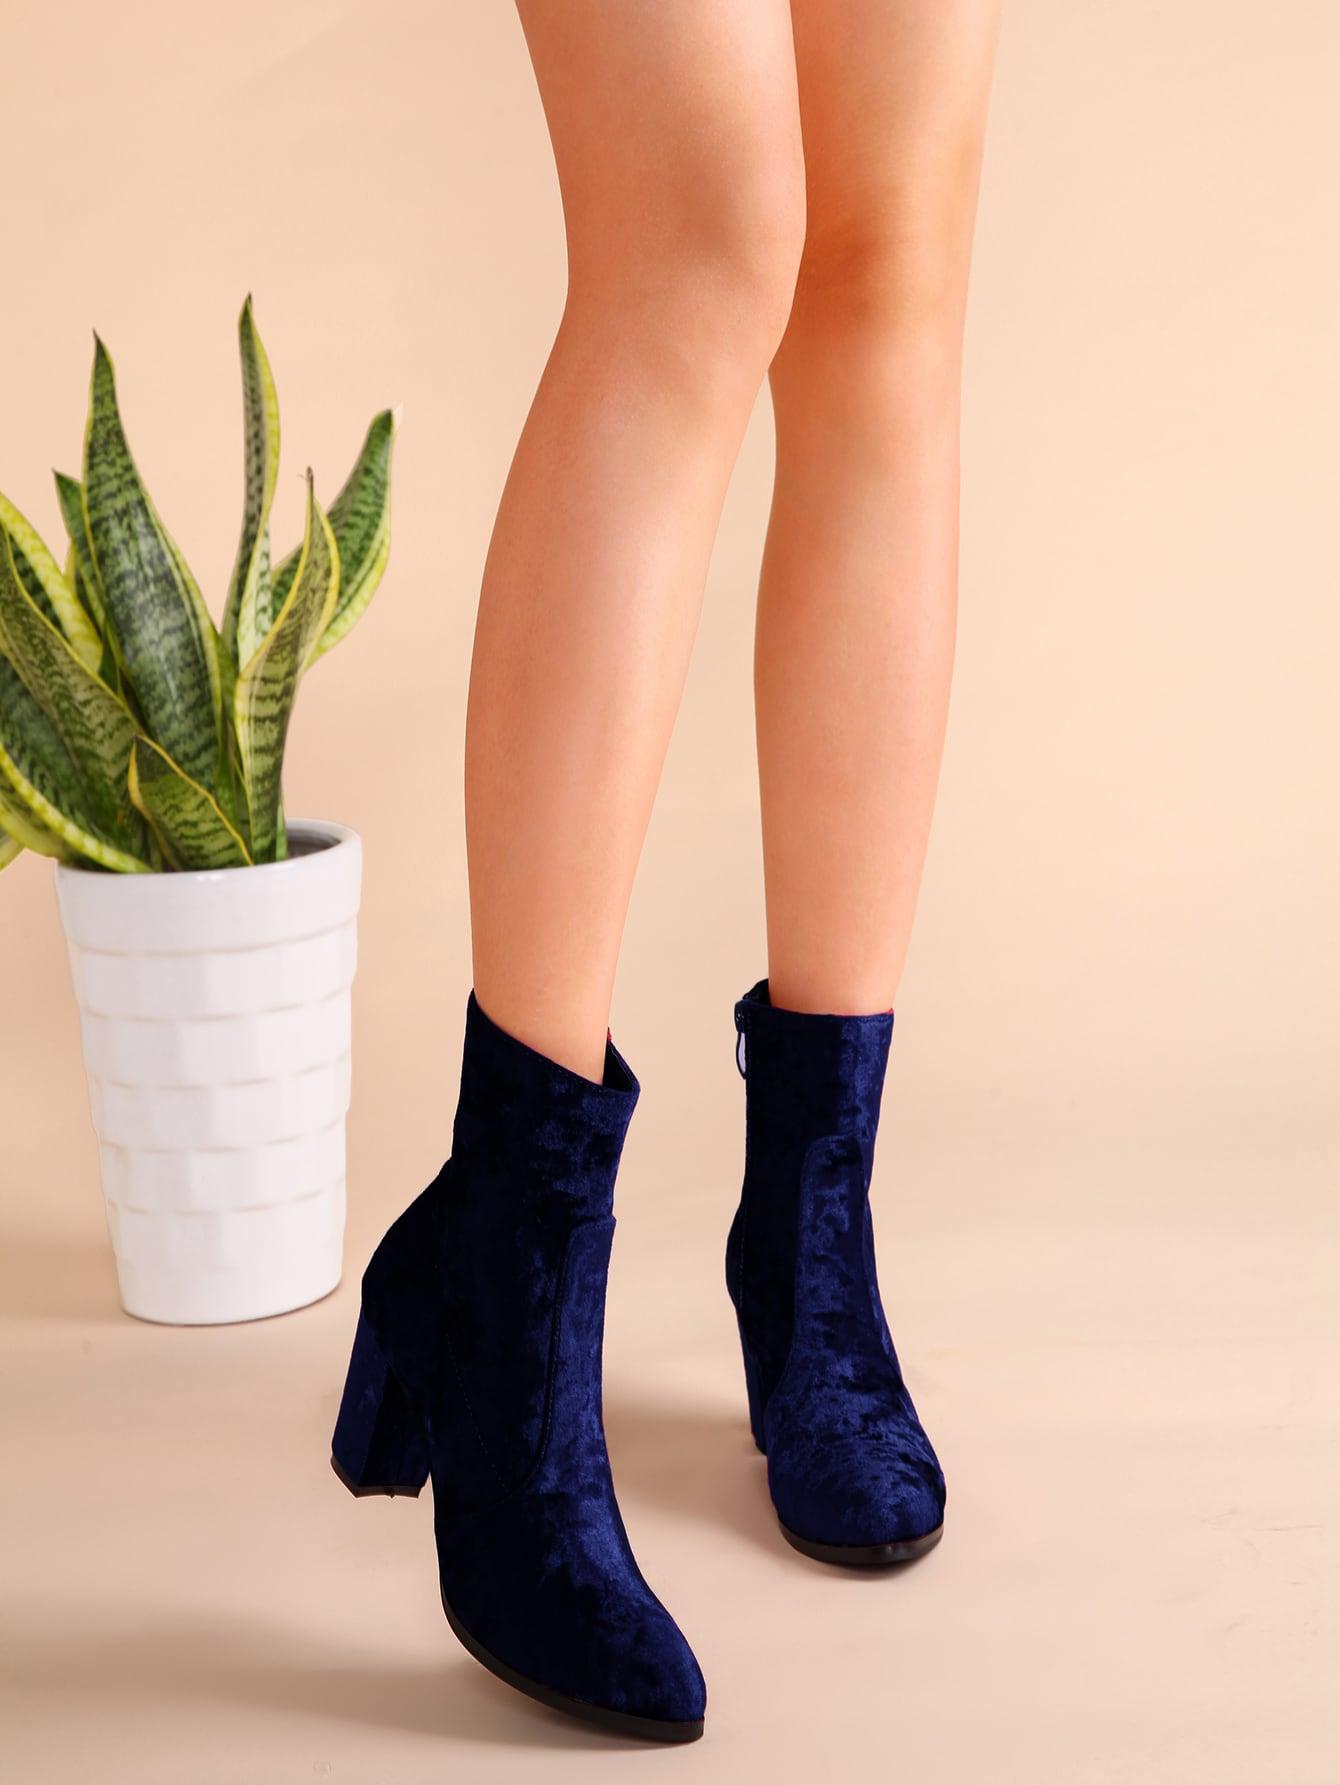 shoes161107802_2